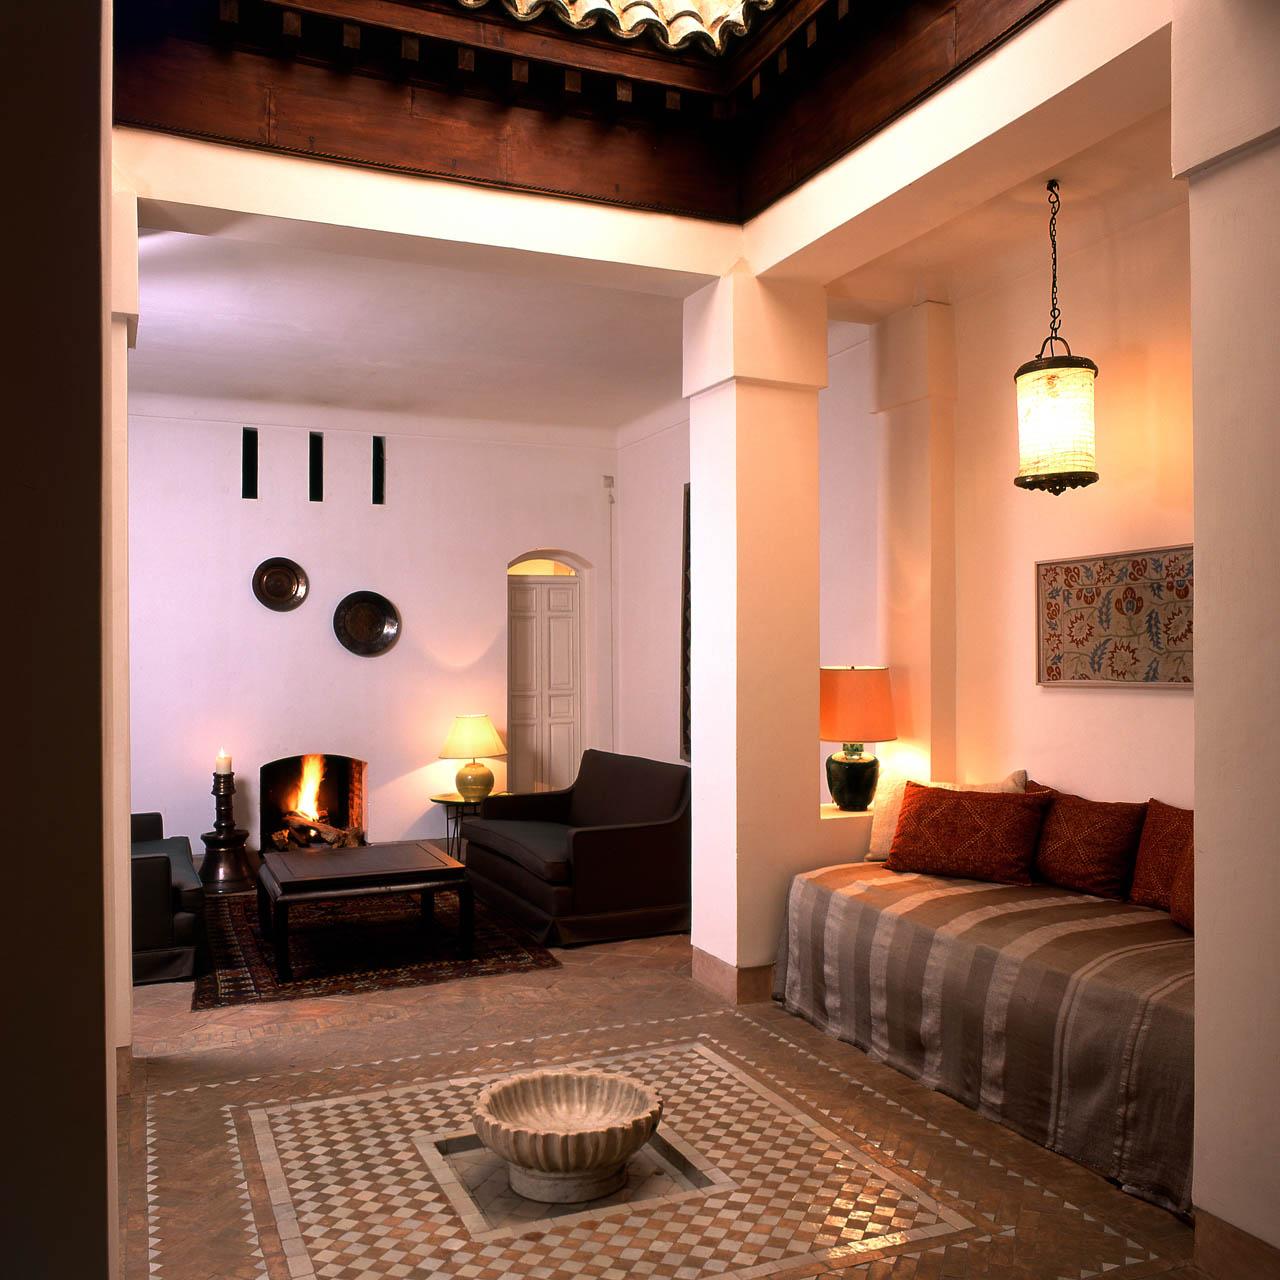 Suite Ottomane - Salon avec cheminée